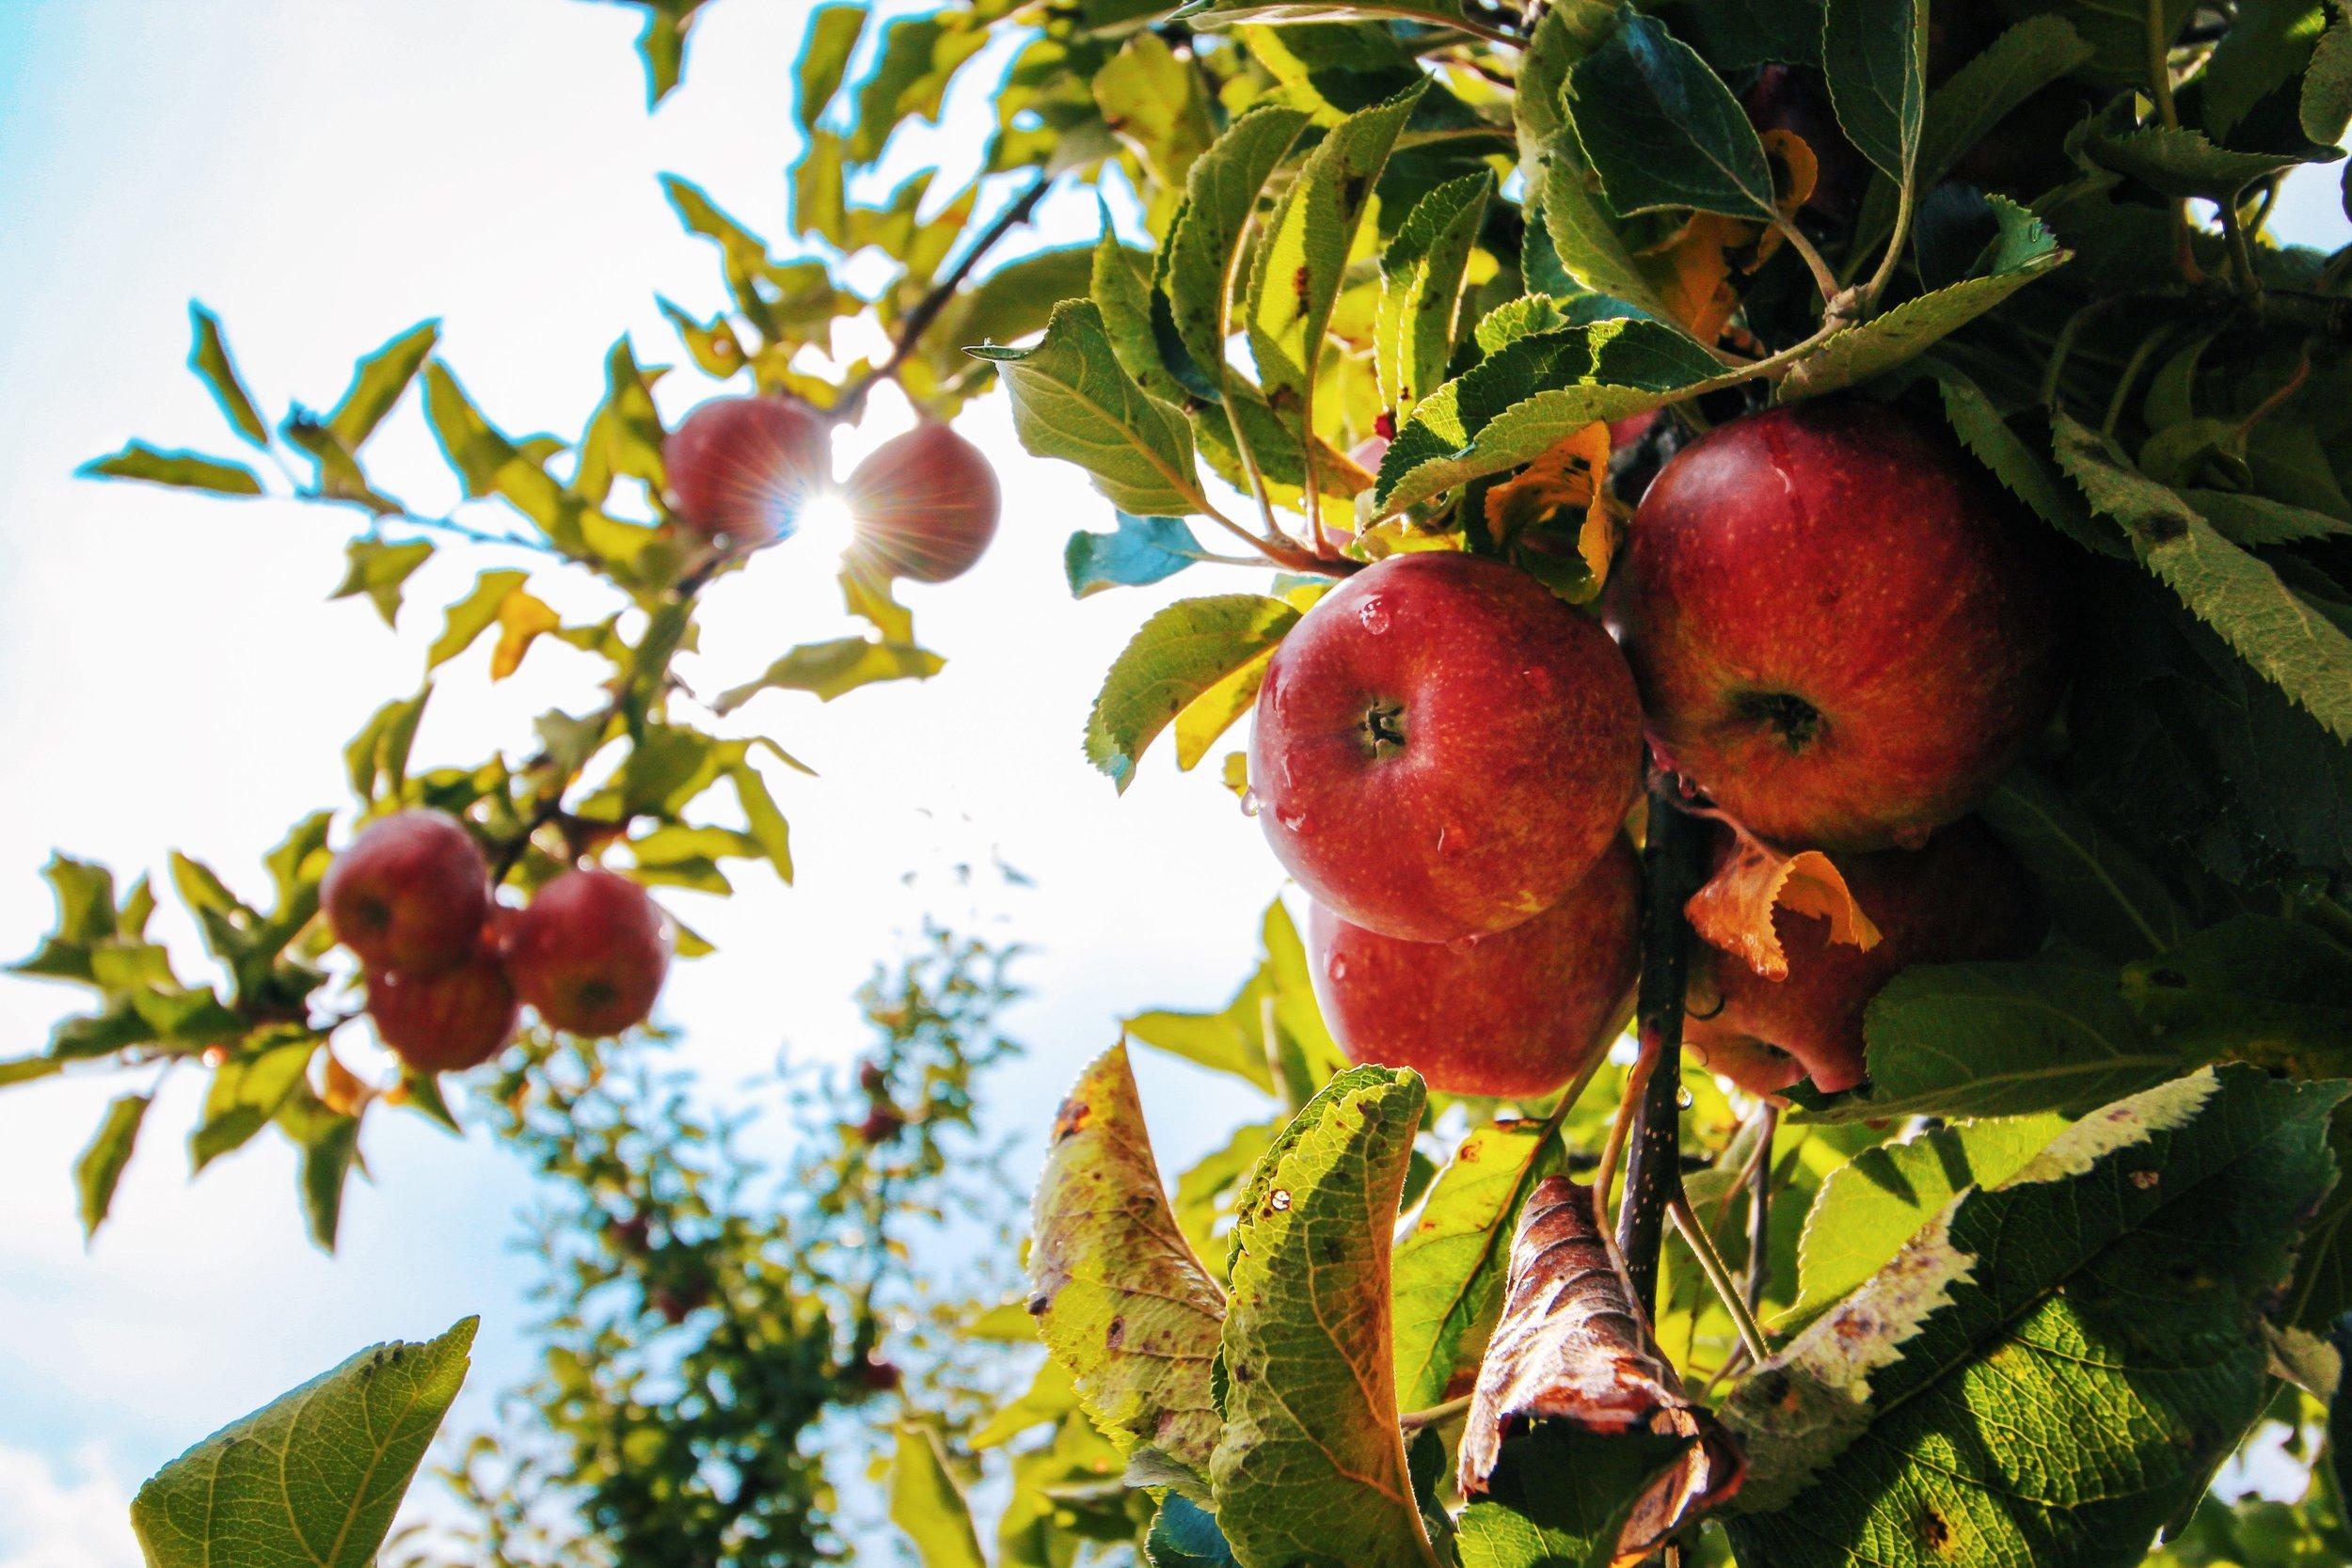 apple-apple-tree-apples-574919 (1).jpg